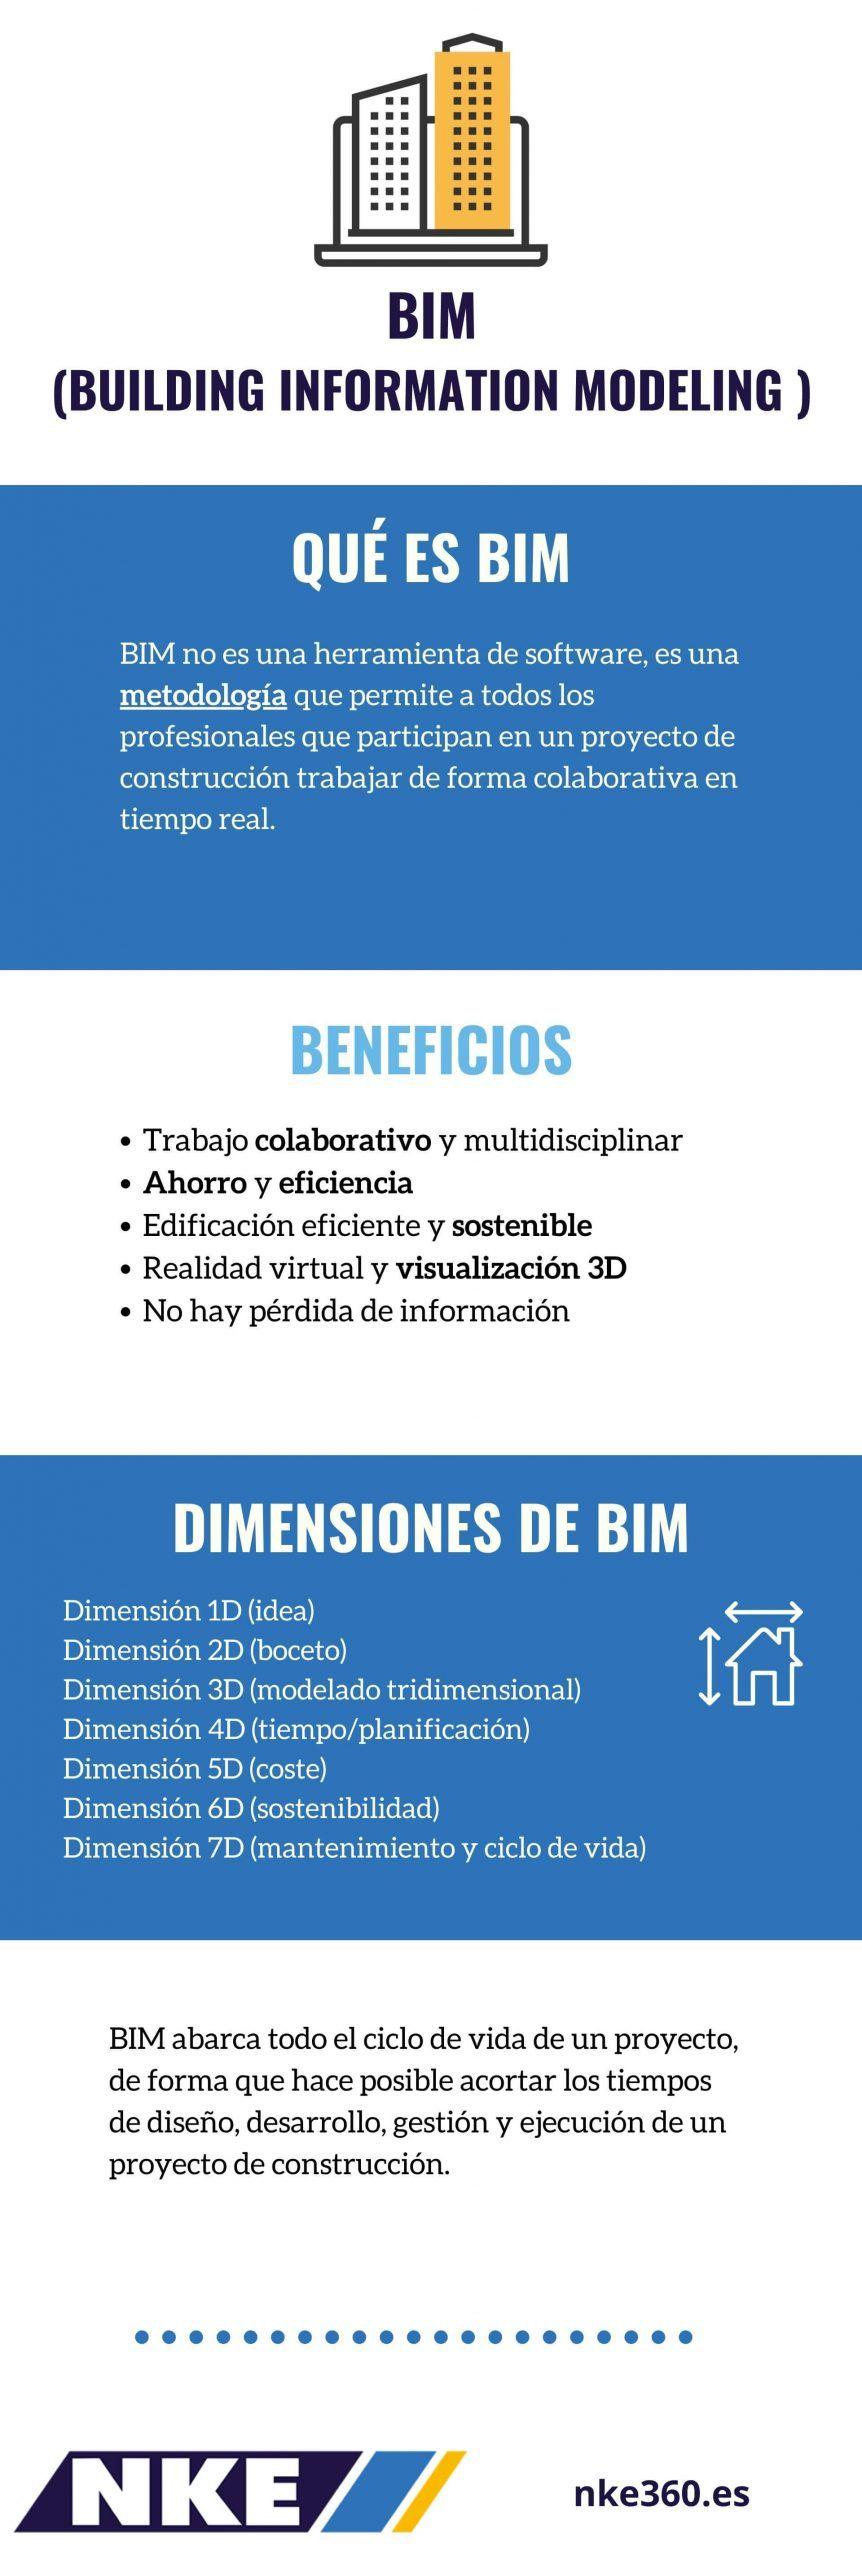 infografia-que-es-BIM